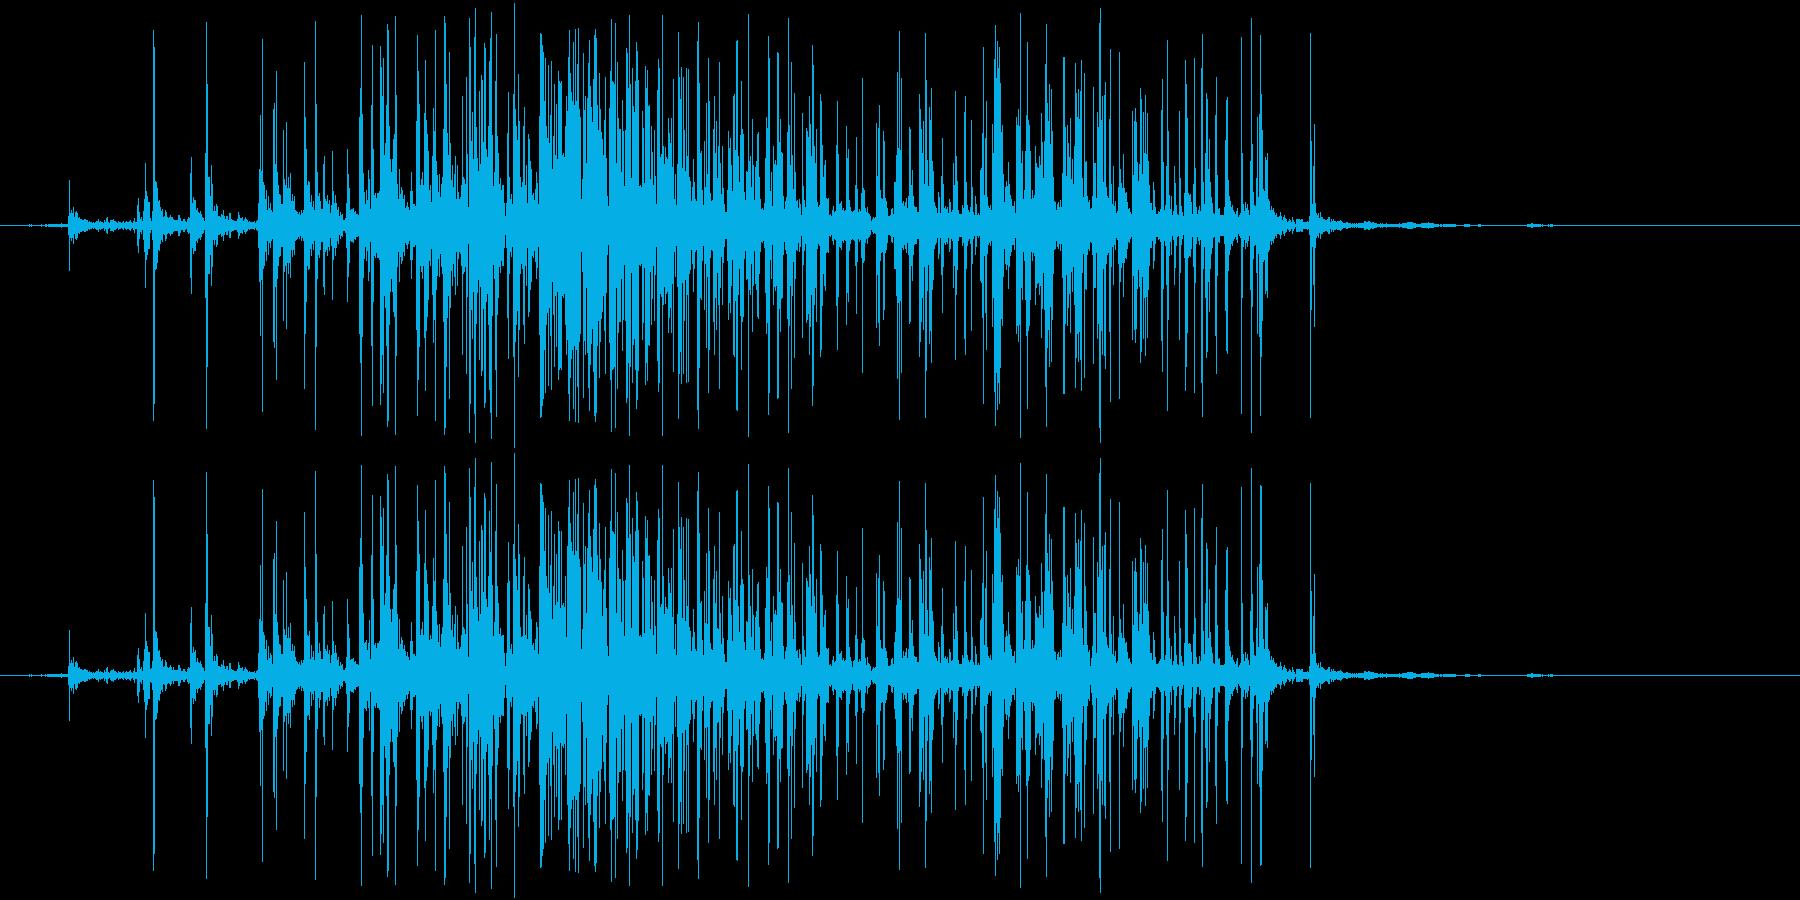 ベリベリ(ベルクロ)の再生済みの波形